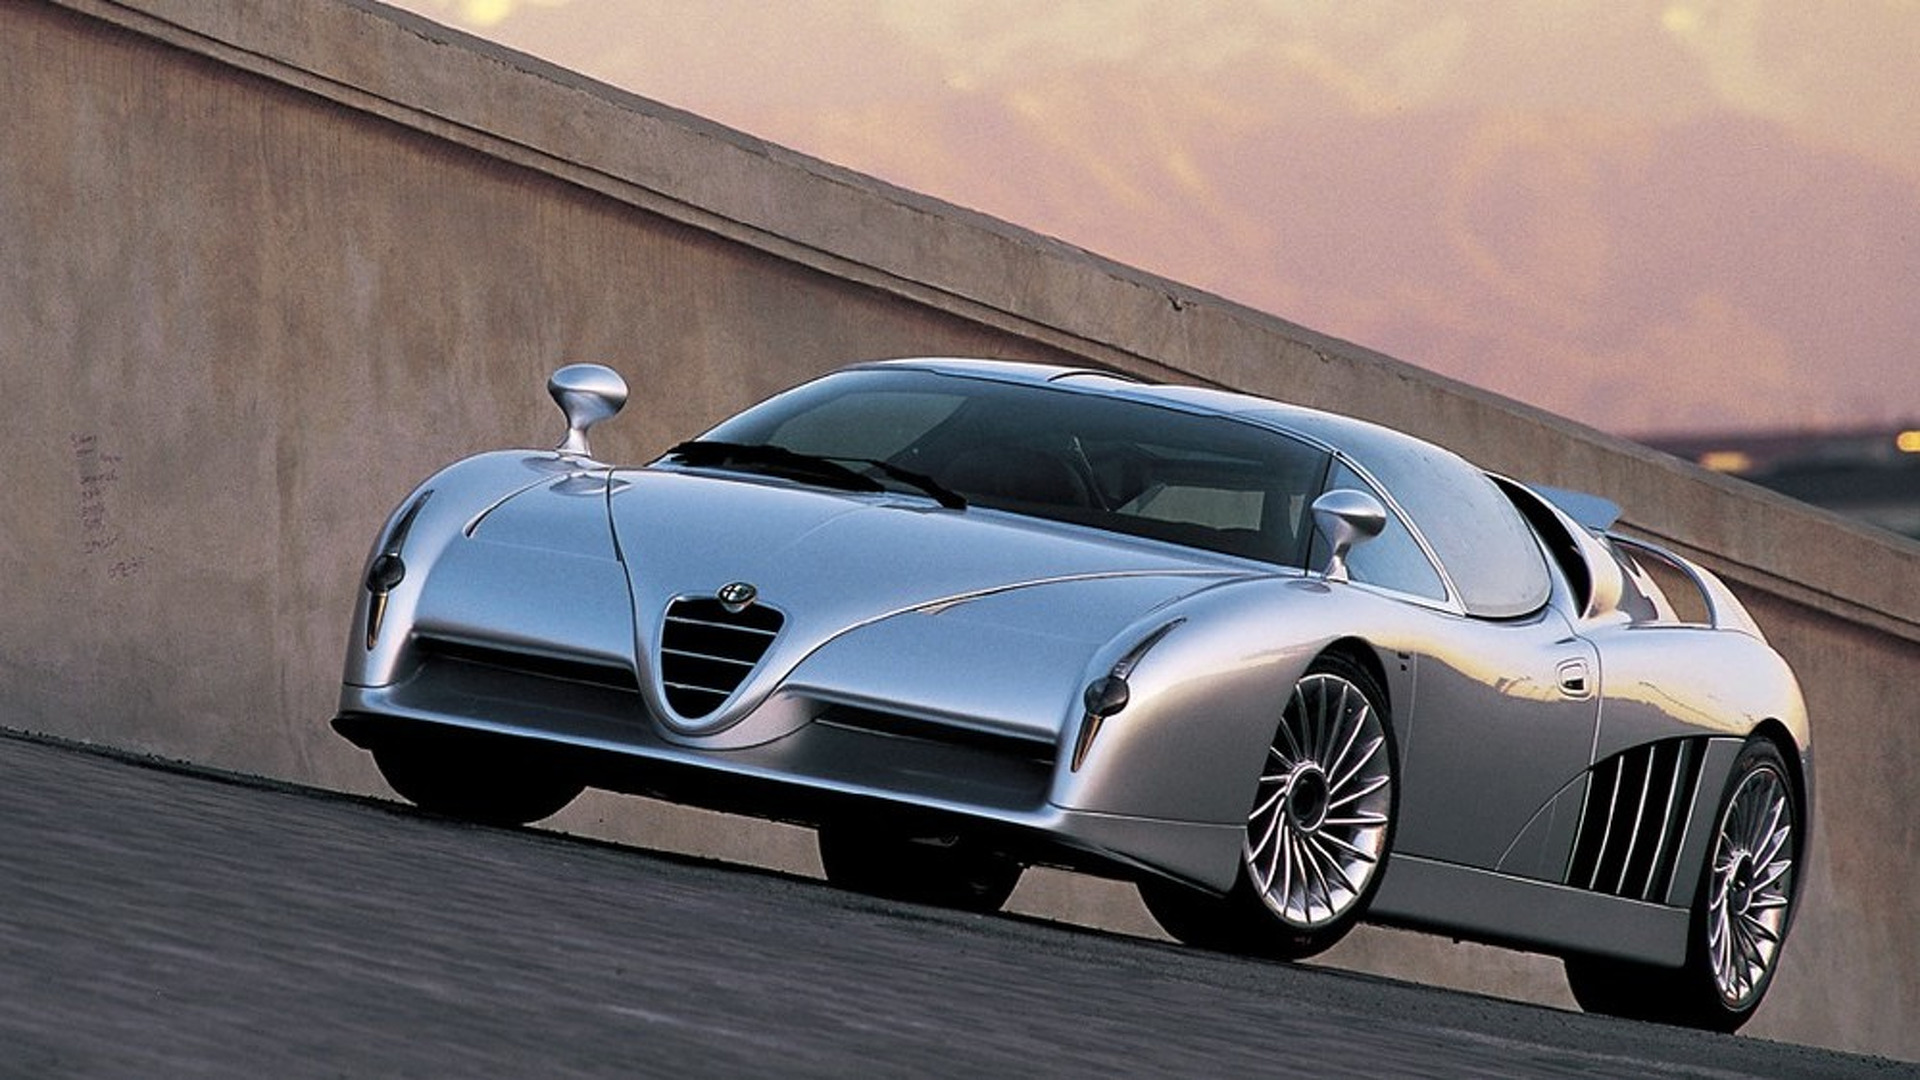 Alfa romeo scighera concept price